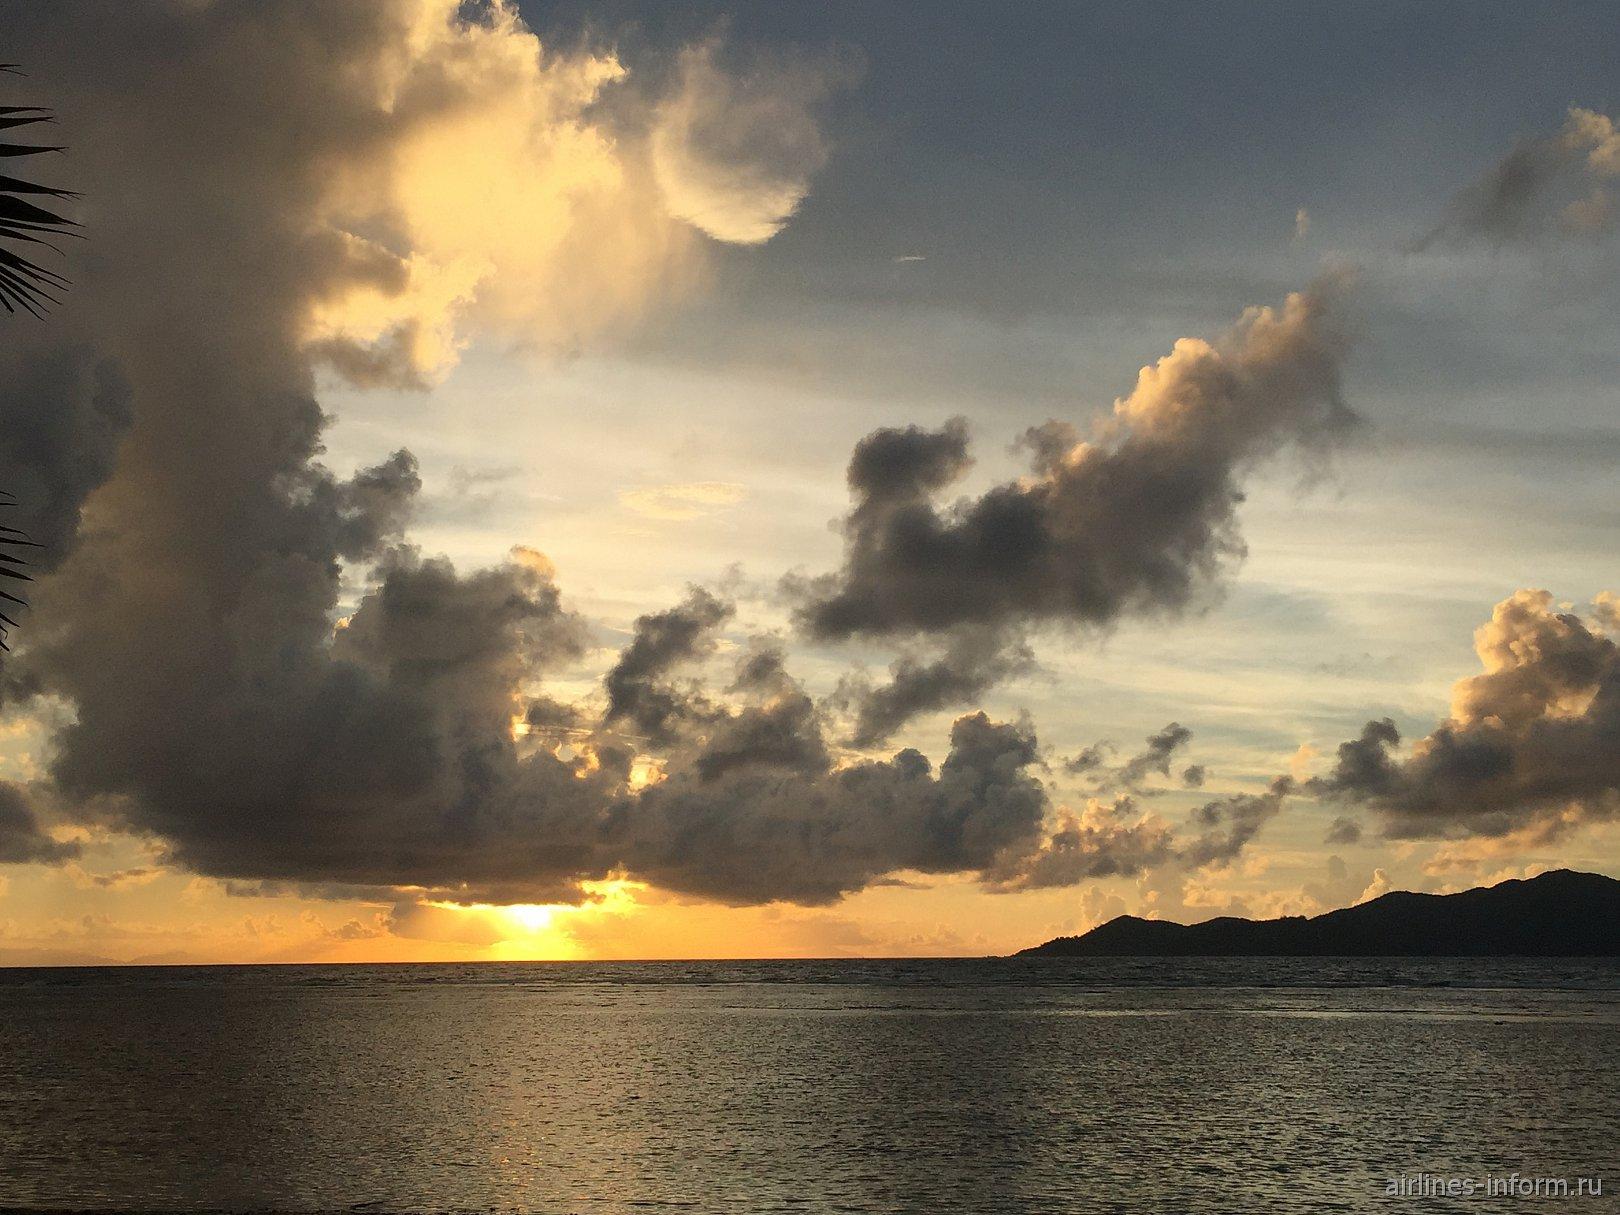 Закат на Сейшельских островах